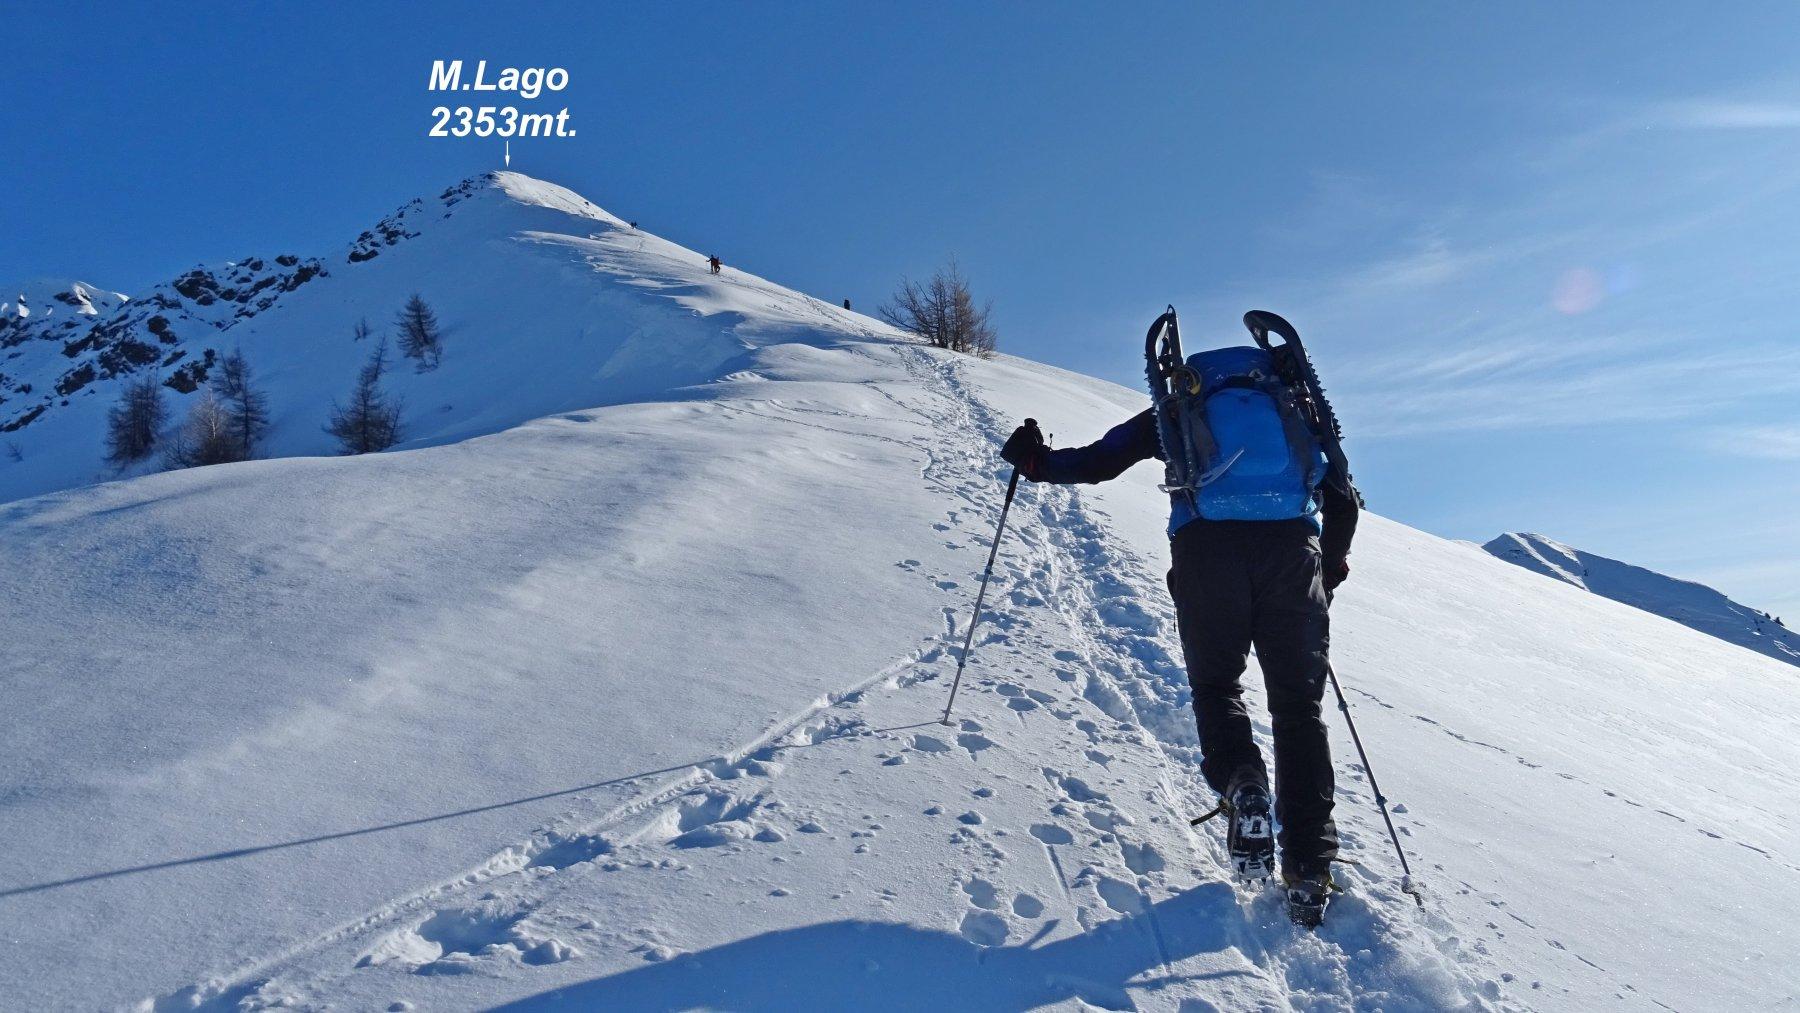 Saliamo  lungo l'estetica cresta che porta in vetta al M.Lago.